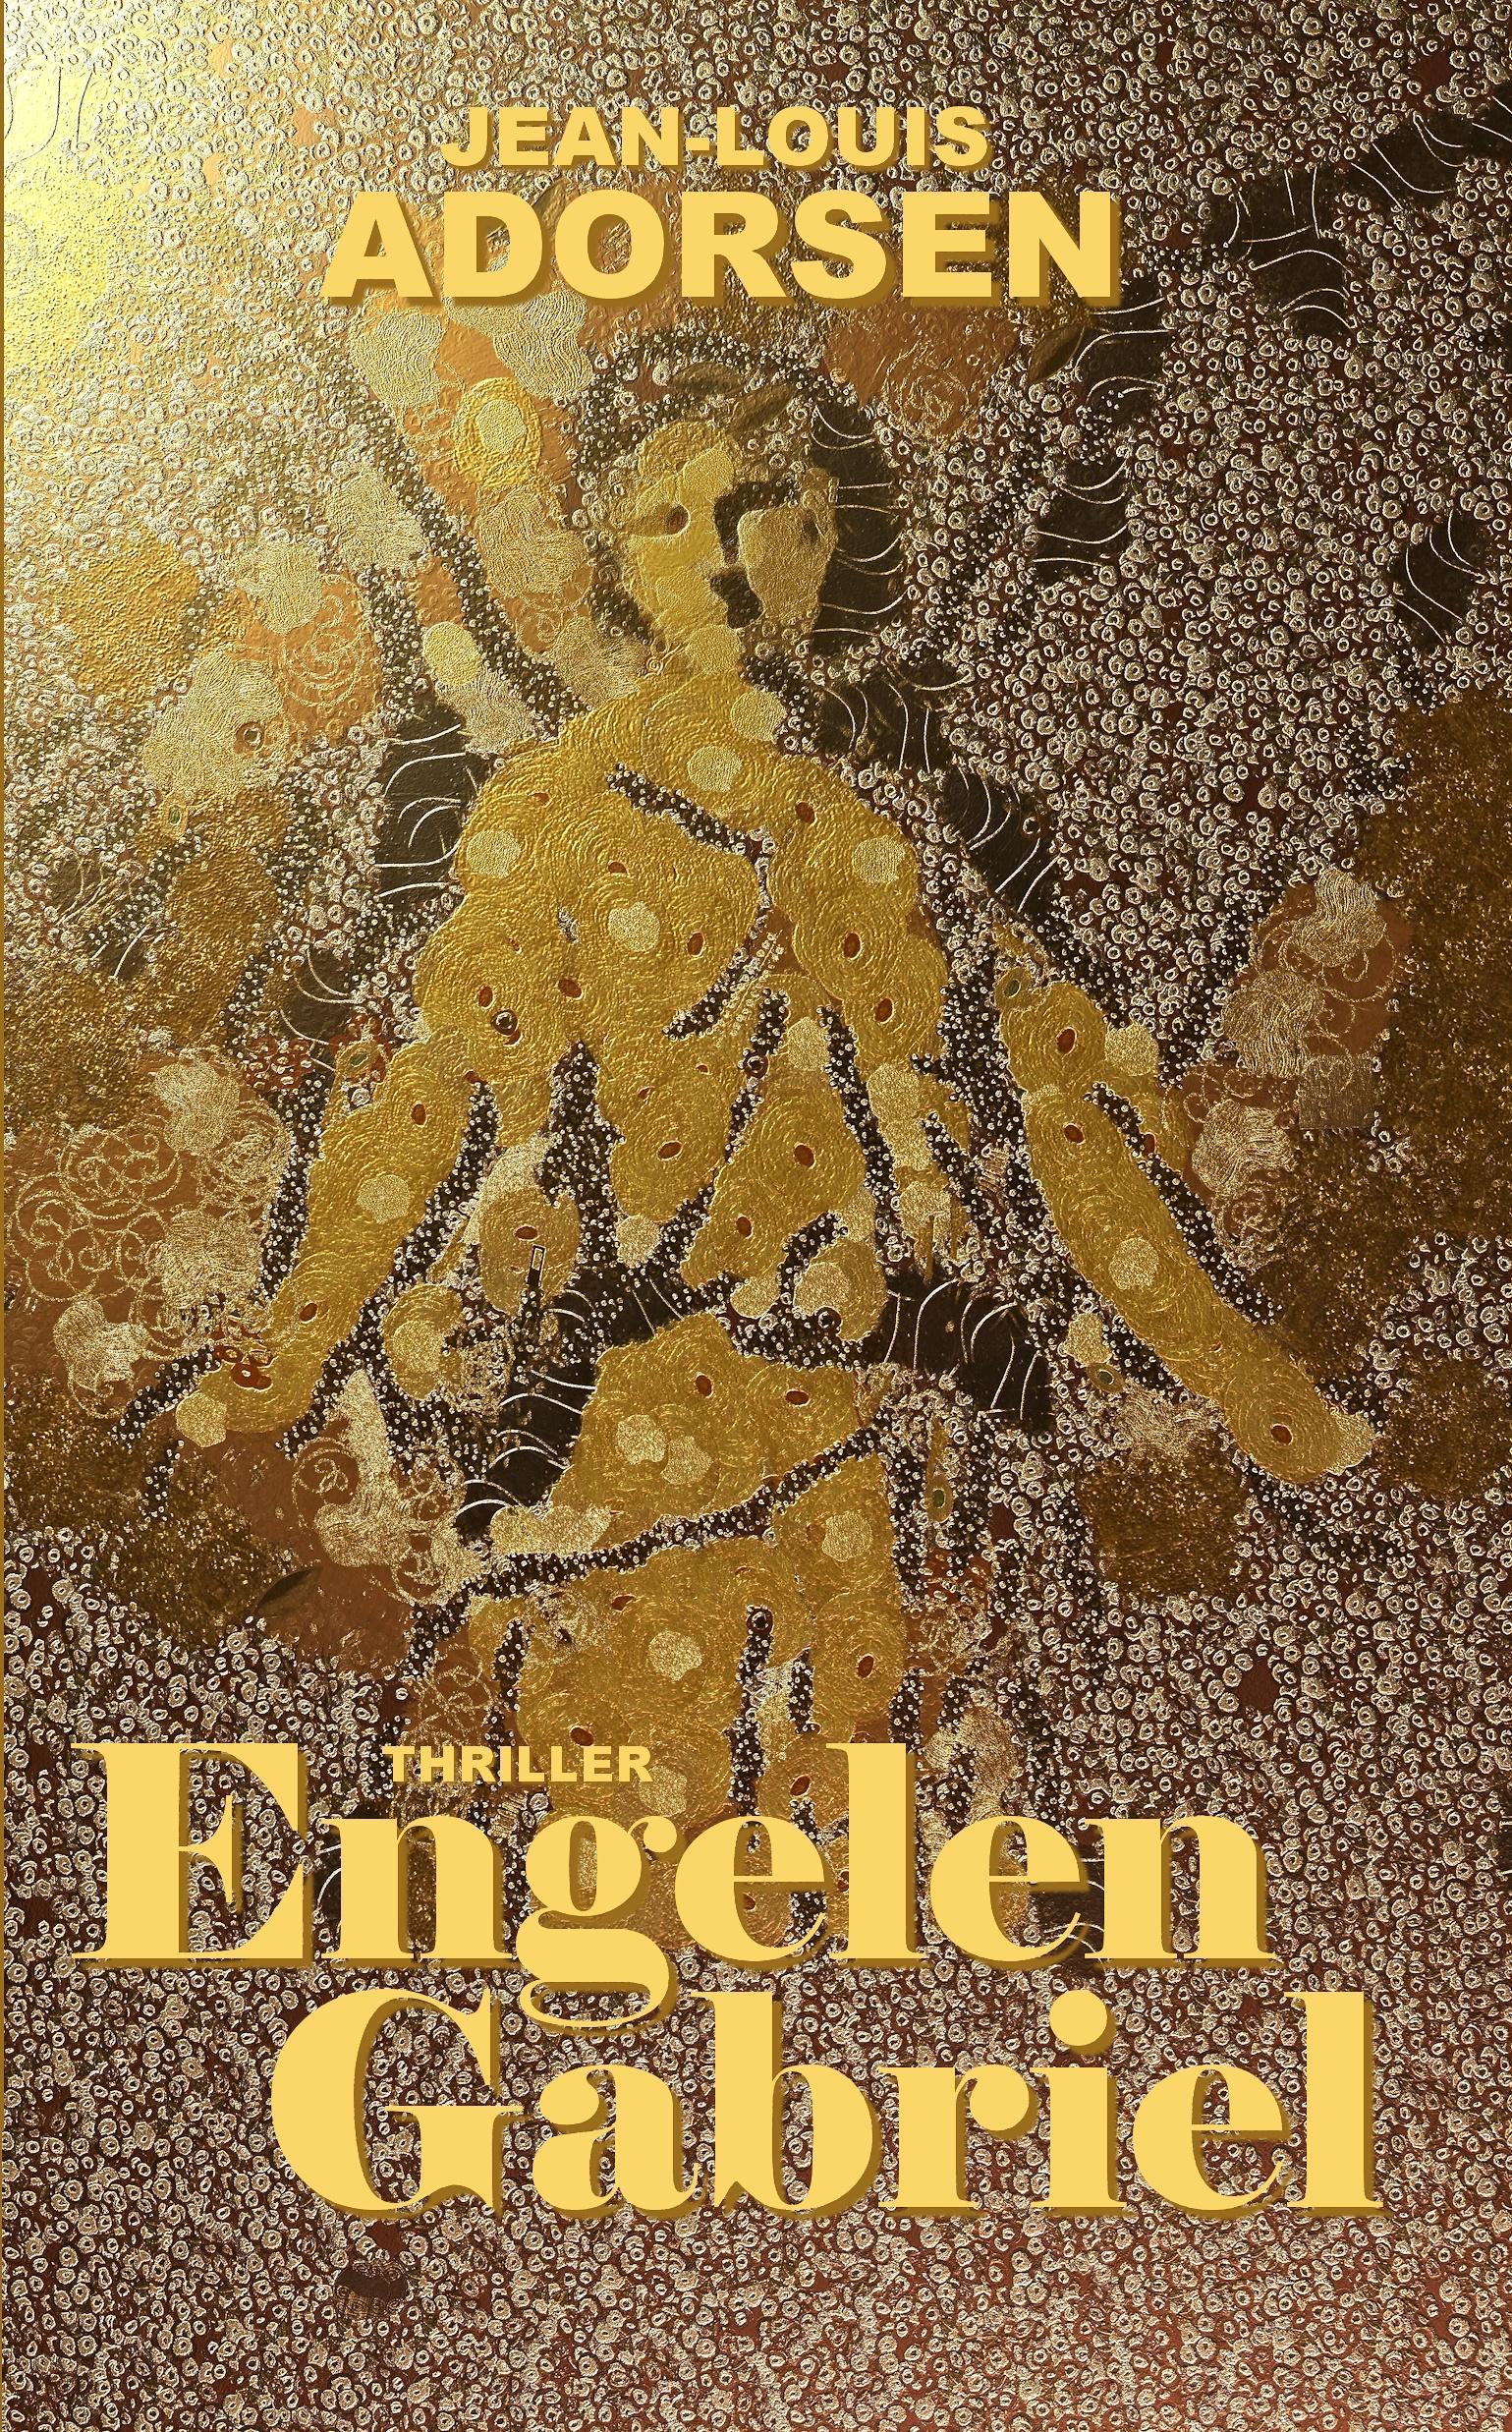 """""""Engelen Gabriel - spenningsroman om havet, døden og kjærligheten"""" av Jean-Louis Adorsen"""